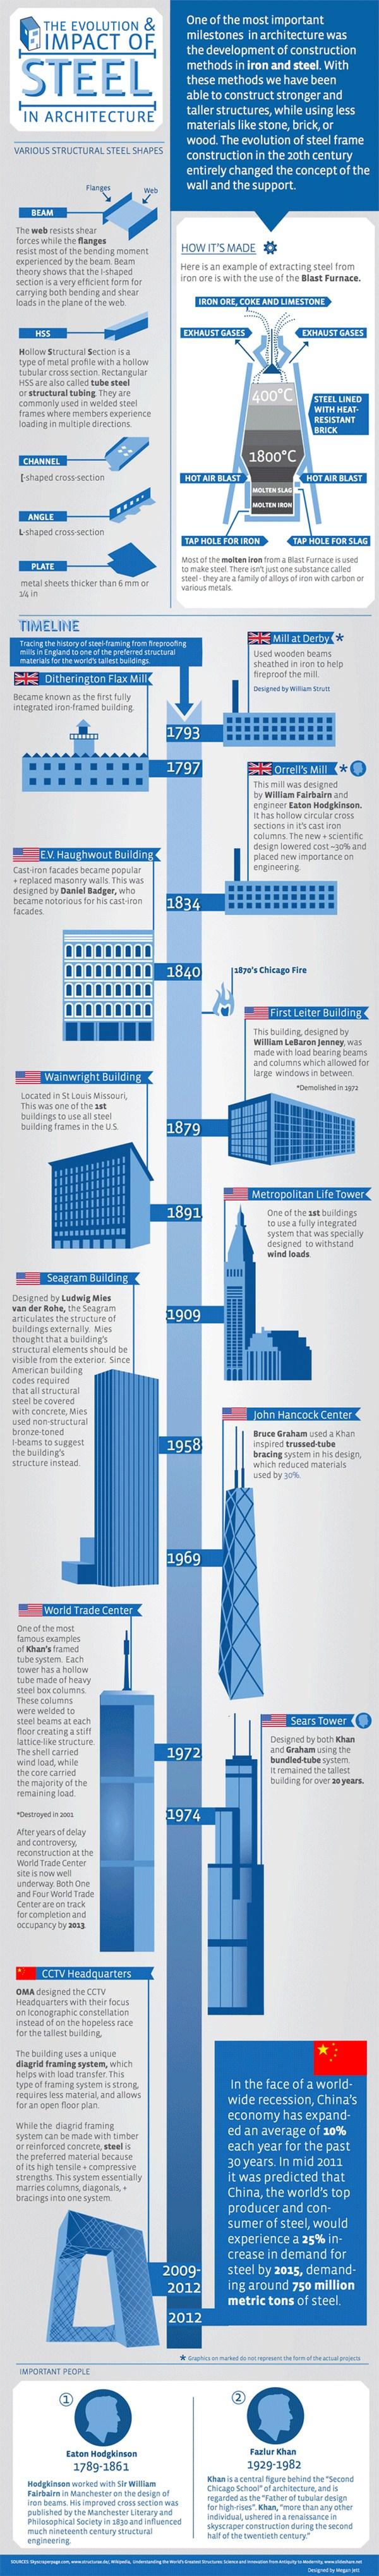 infografias de arquitectura